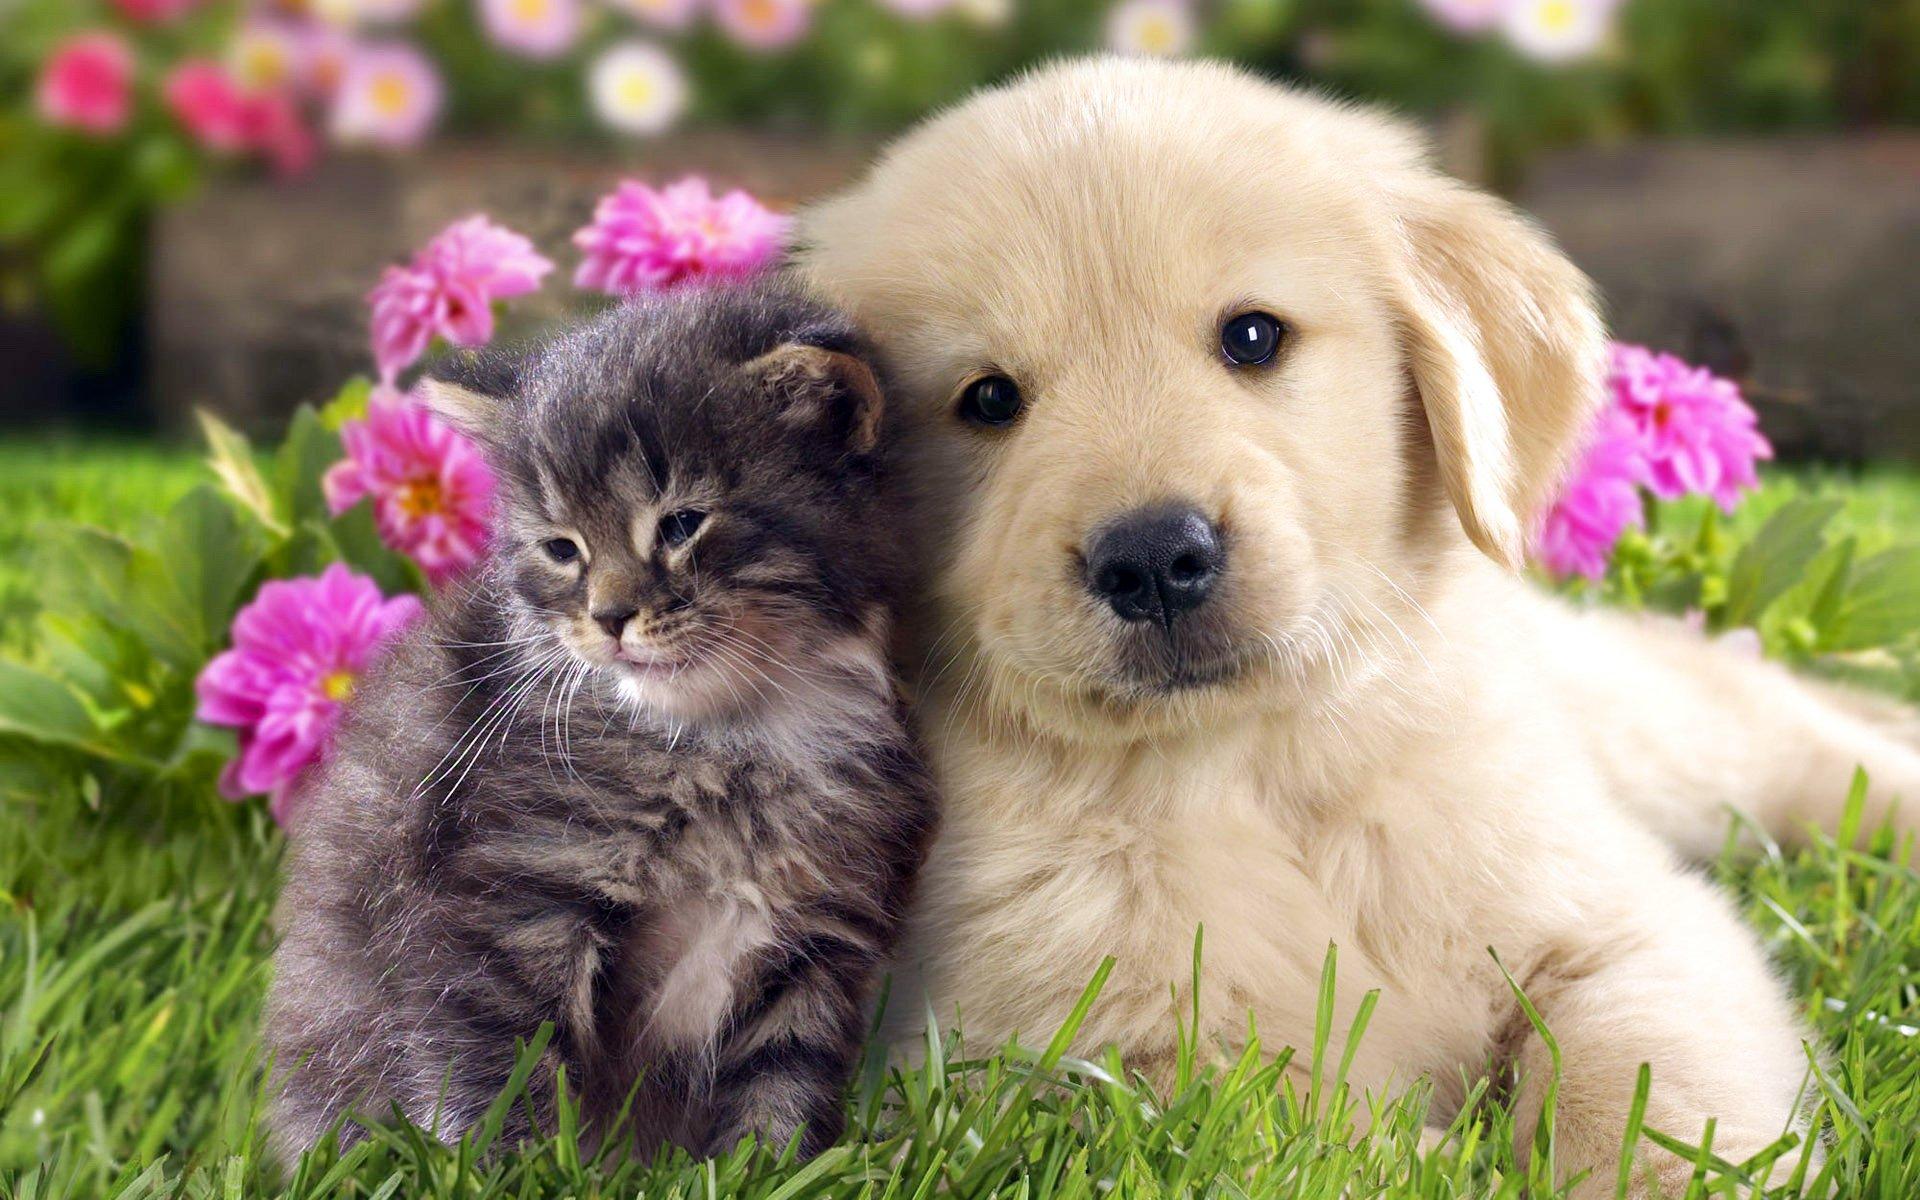 可爱小狗电脑壁纸_可爱狗狗壁纸高清图片_超萌狗狗壁纸 - 随意贴